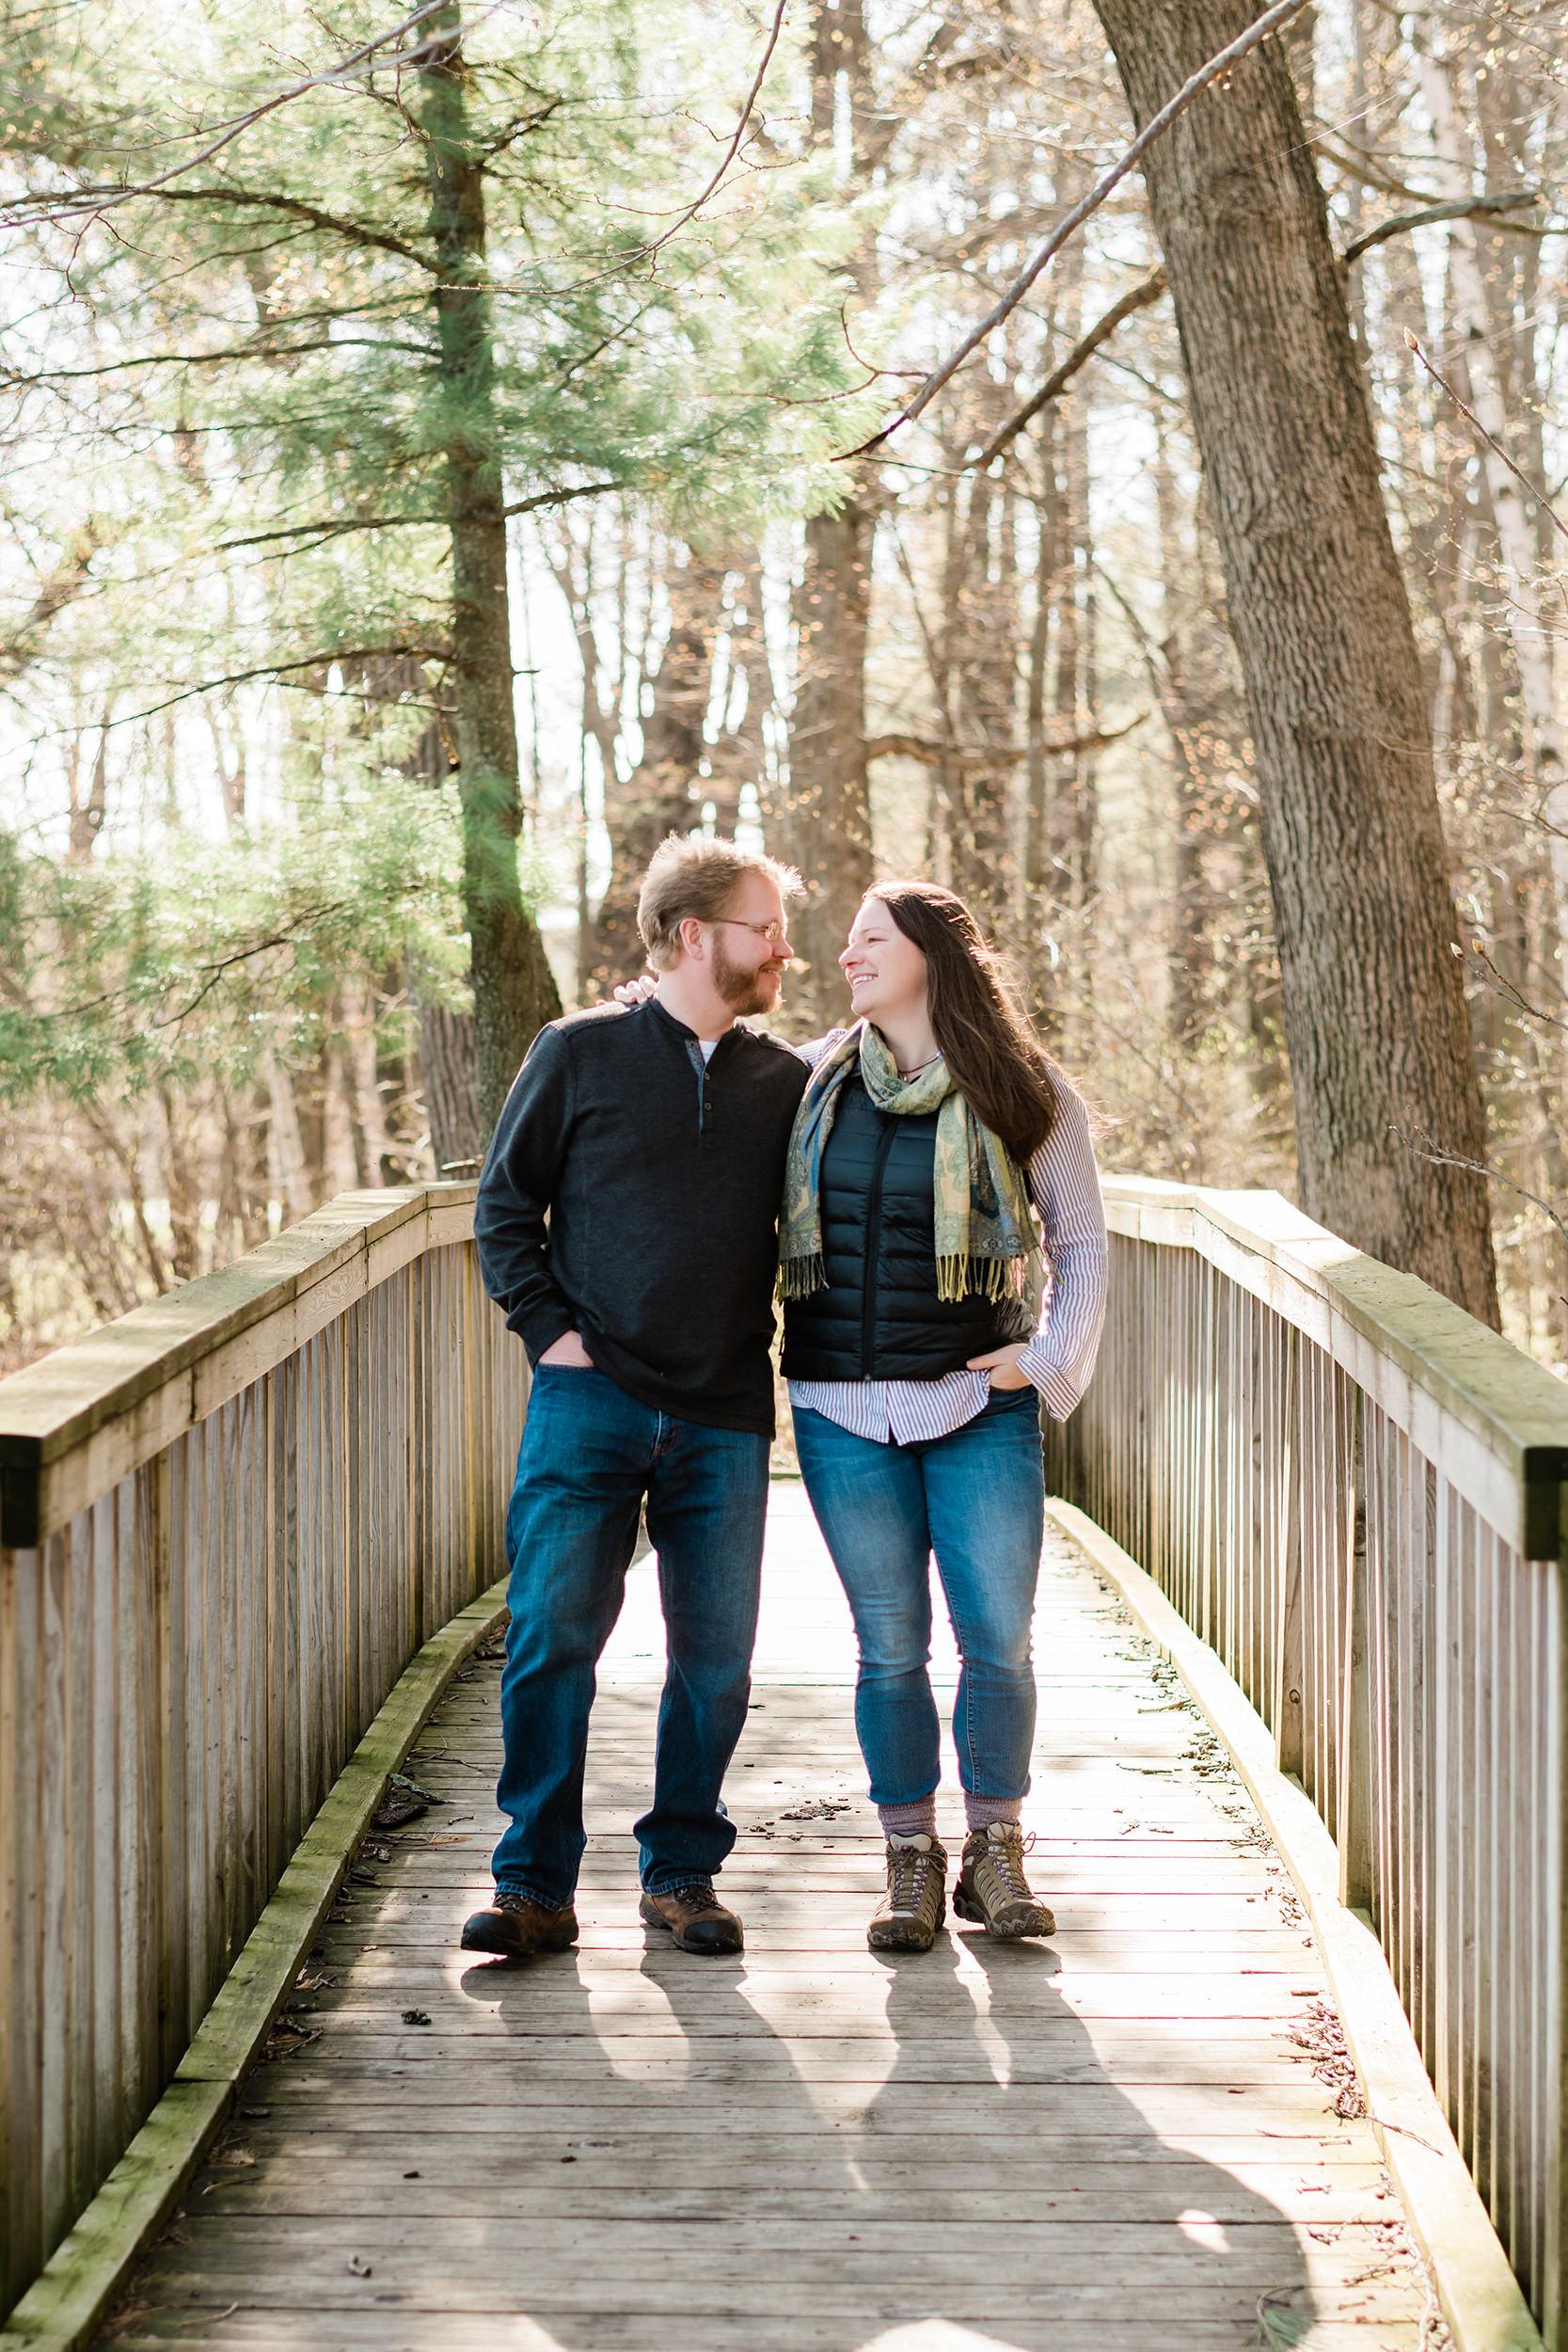 Engaged couple walking on a bridge